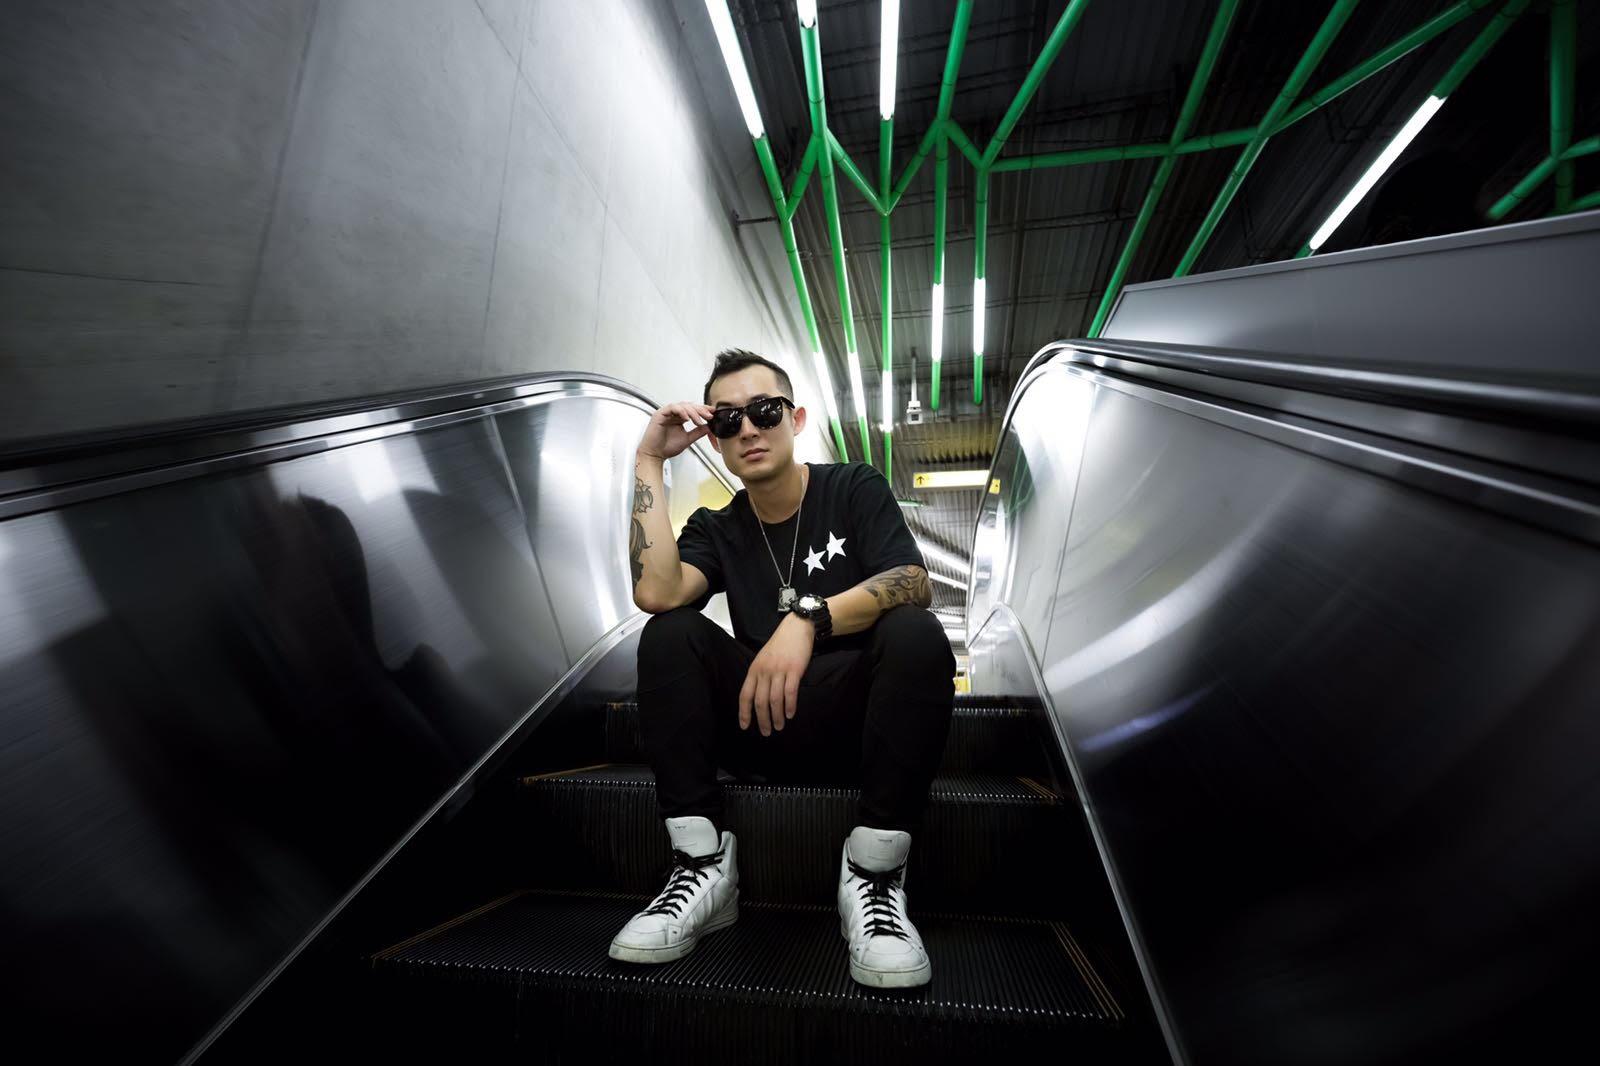 shogum music dj interview